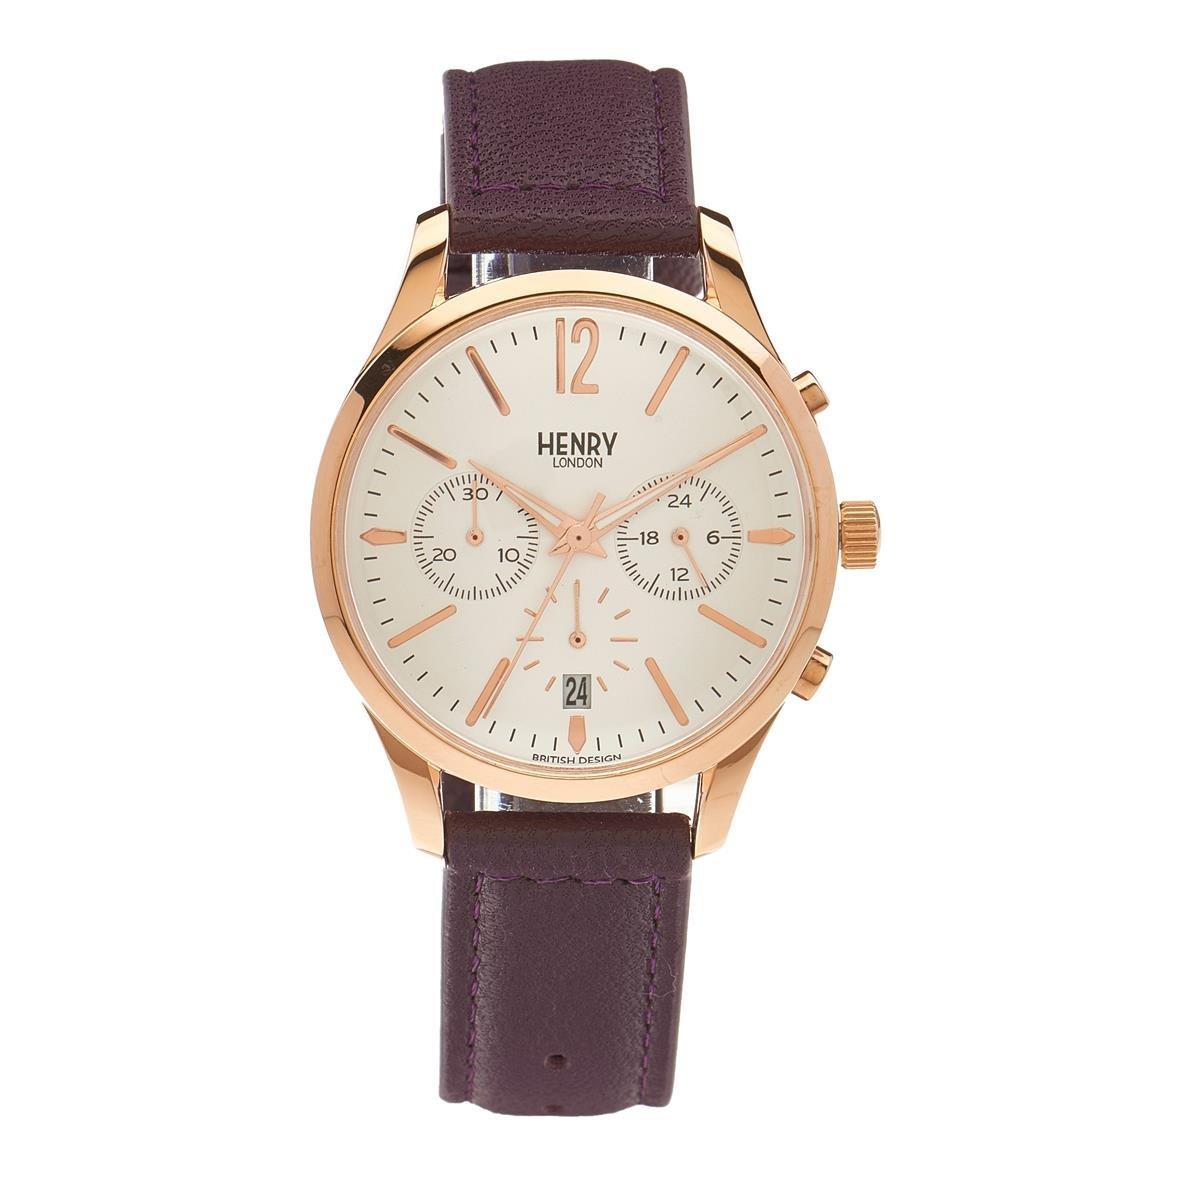 Henry de Londres Unisex Reloj de pulsera Hampstead Cronógrafo Cuarzo Piel hl39 de CS de 0090 (Reacondicionado Certificado): Amazon.es: Relojes